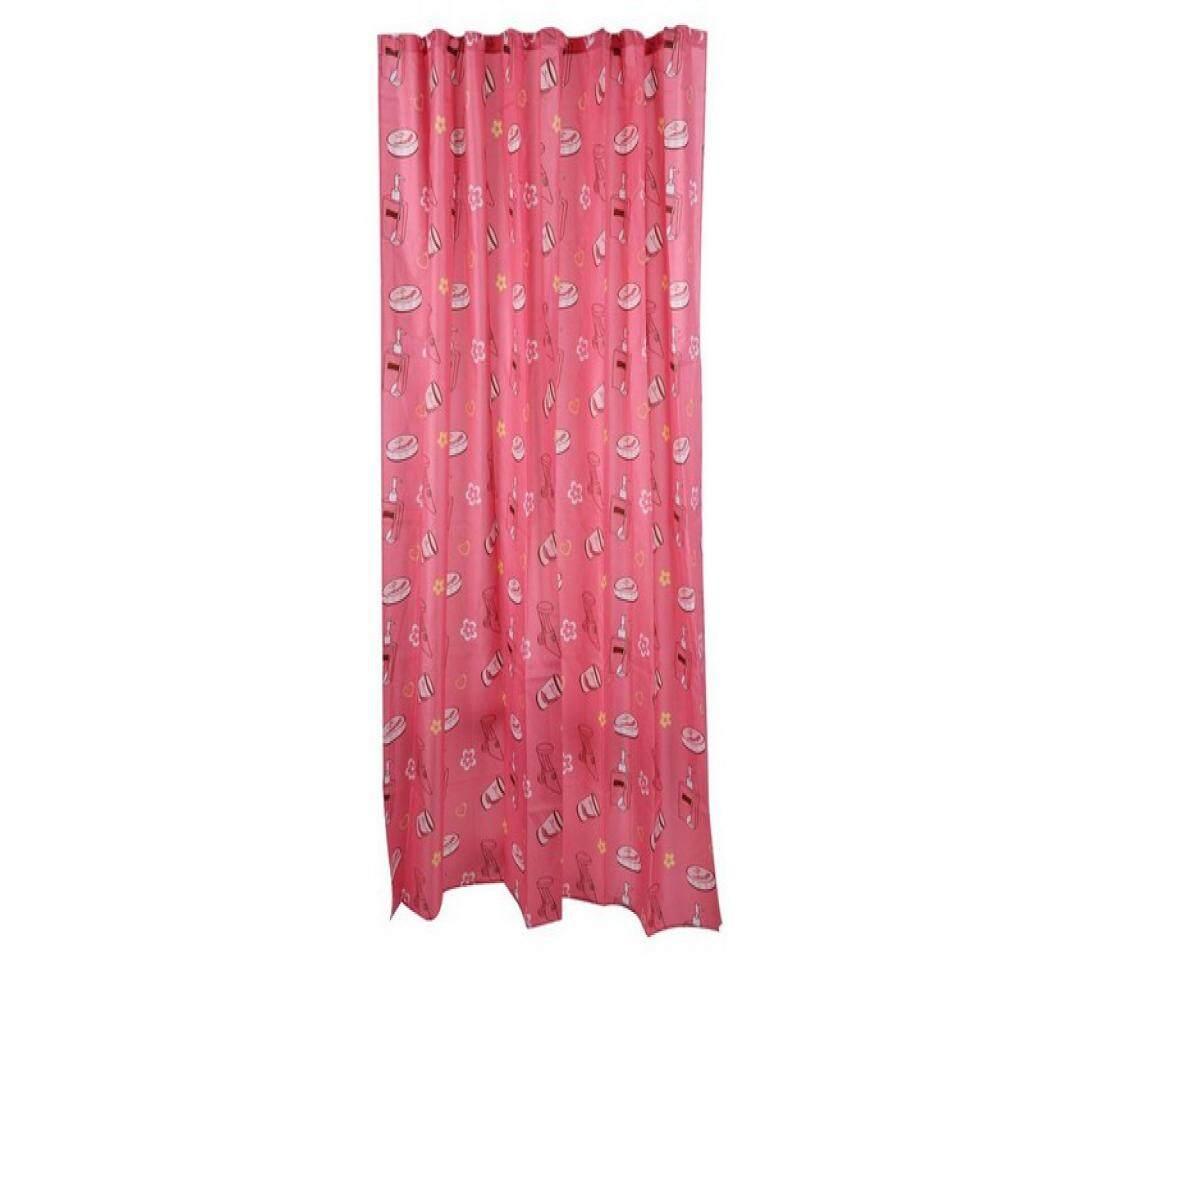 Shower Curtain 180x180 ม่านห้องน้ำ Poly Moya Acs14127 180x180 By The Eight Shop.